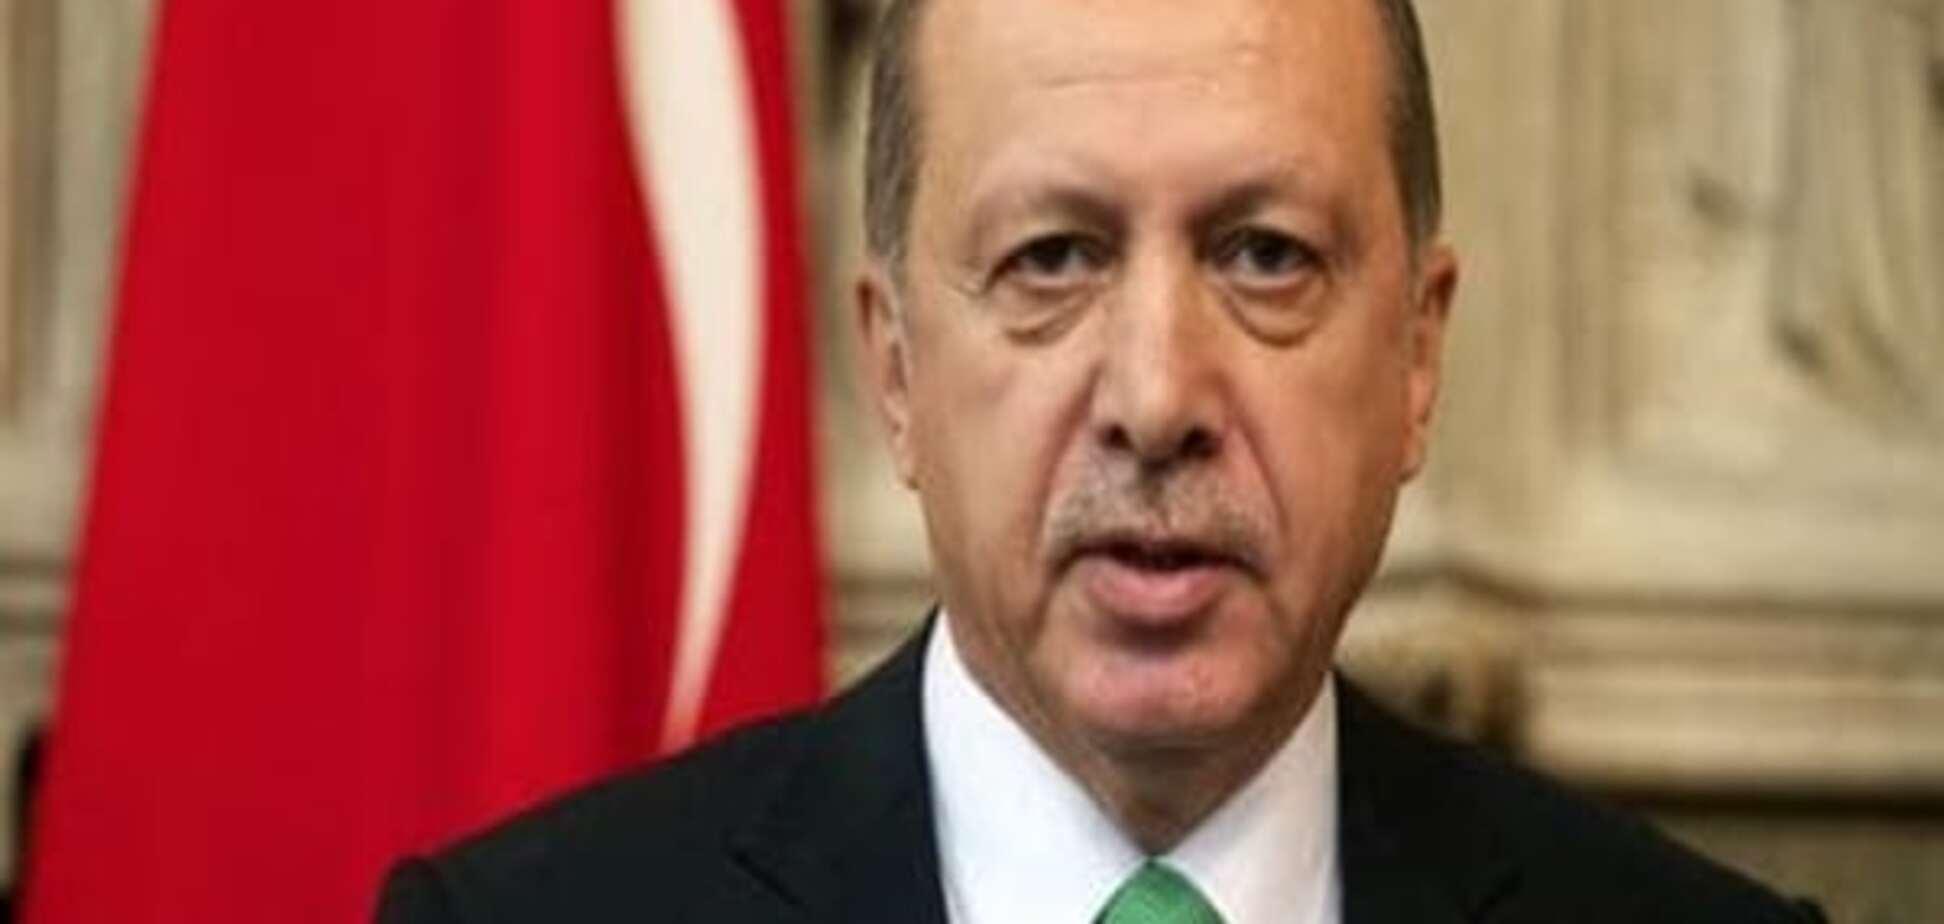 Ердоган: Анкара зважено реагуватиме на емоційні дії Росії